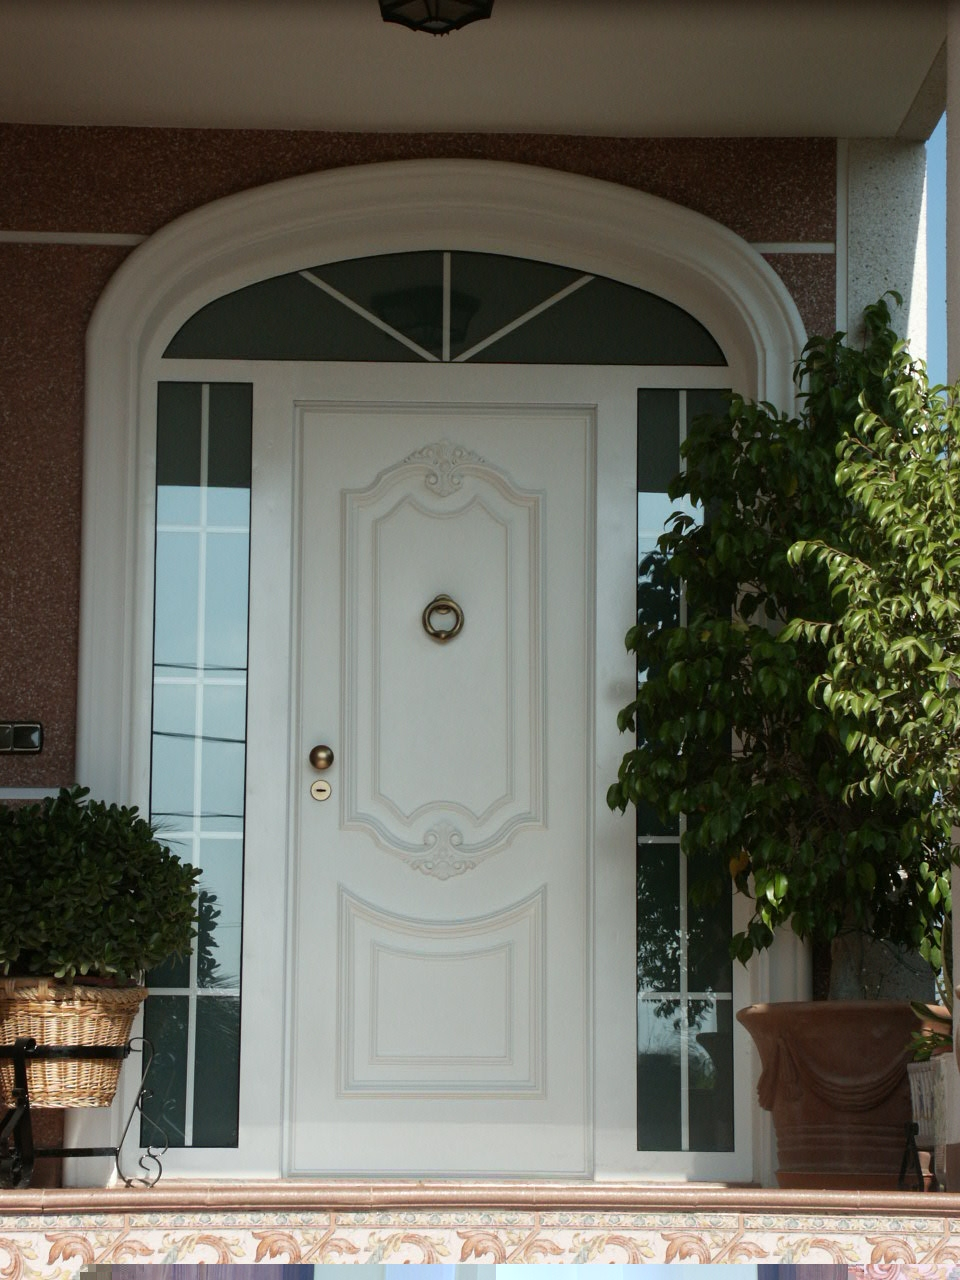 Galer a de fotos y ejemplos de puertas tecemur for Puertas en forma de arco